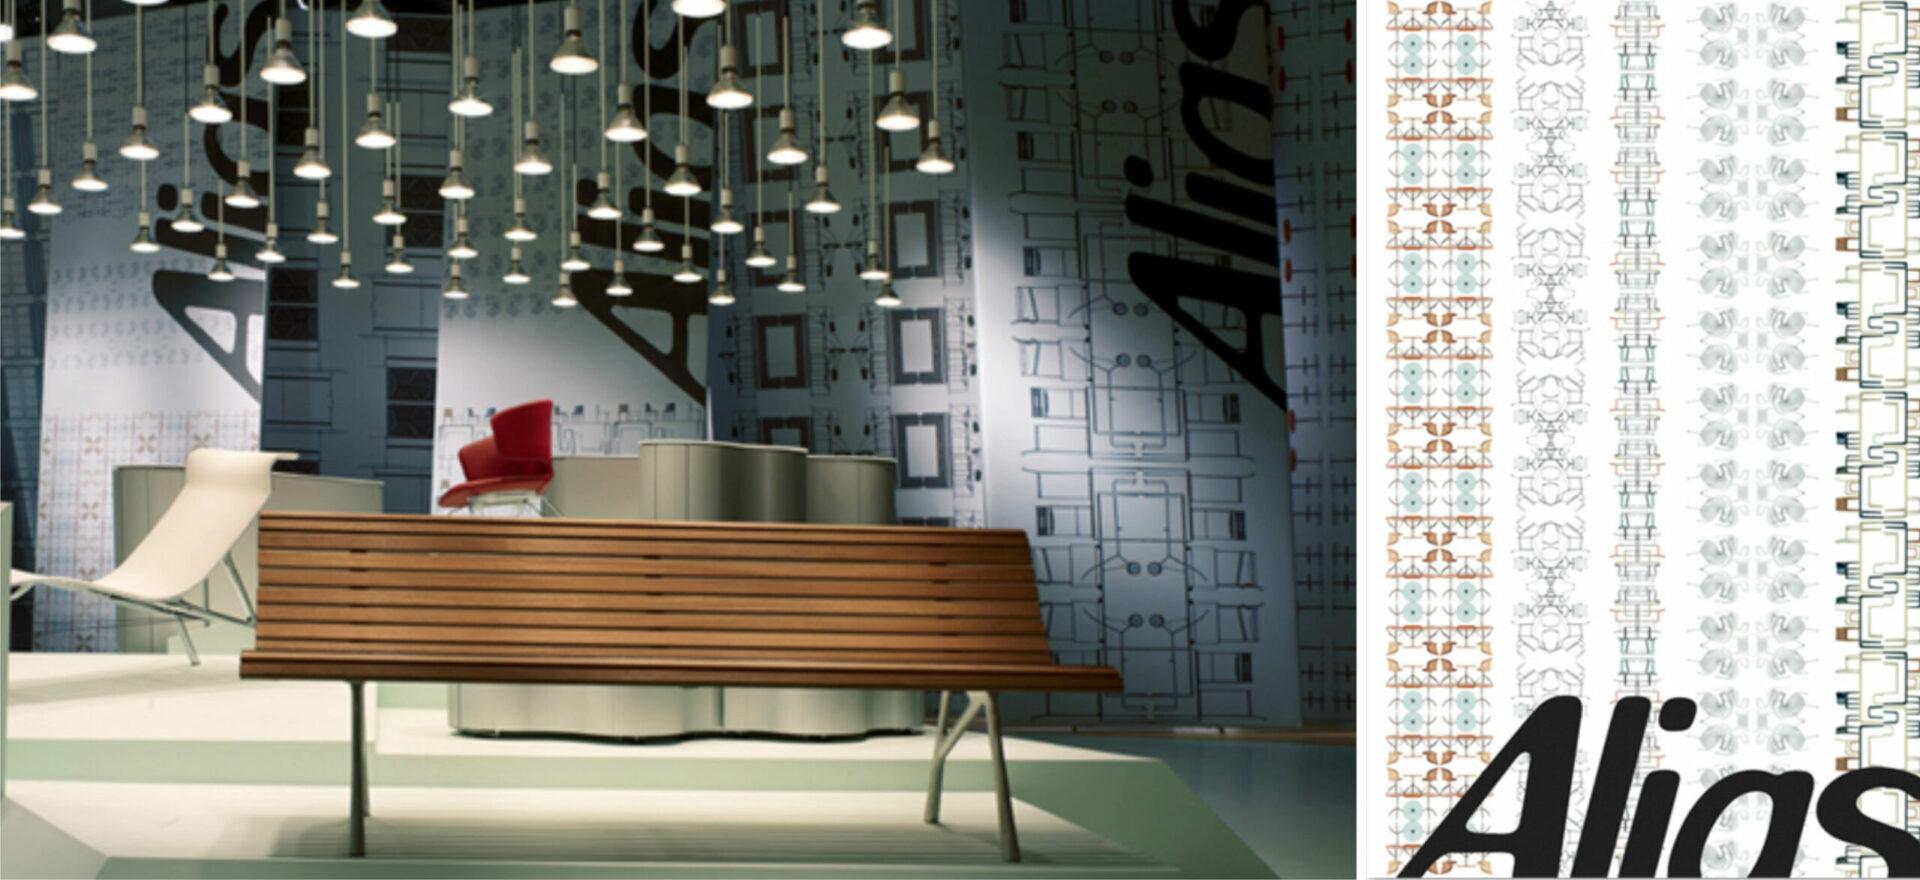 Alias_Exhibition design_Mario Trimarchi Design_Graphics Branding